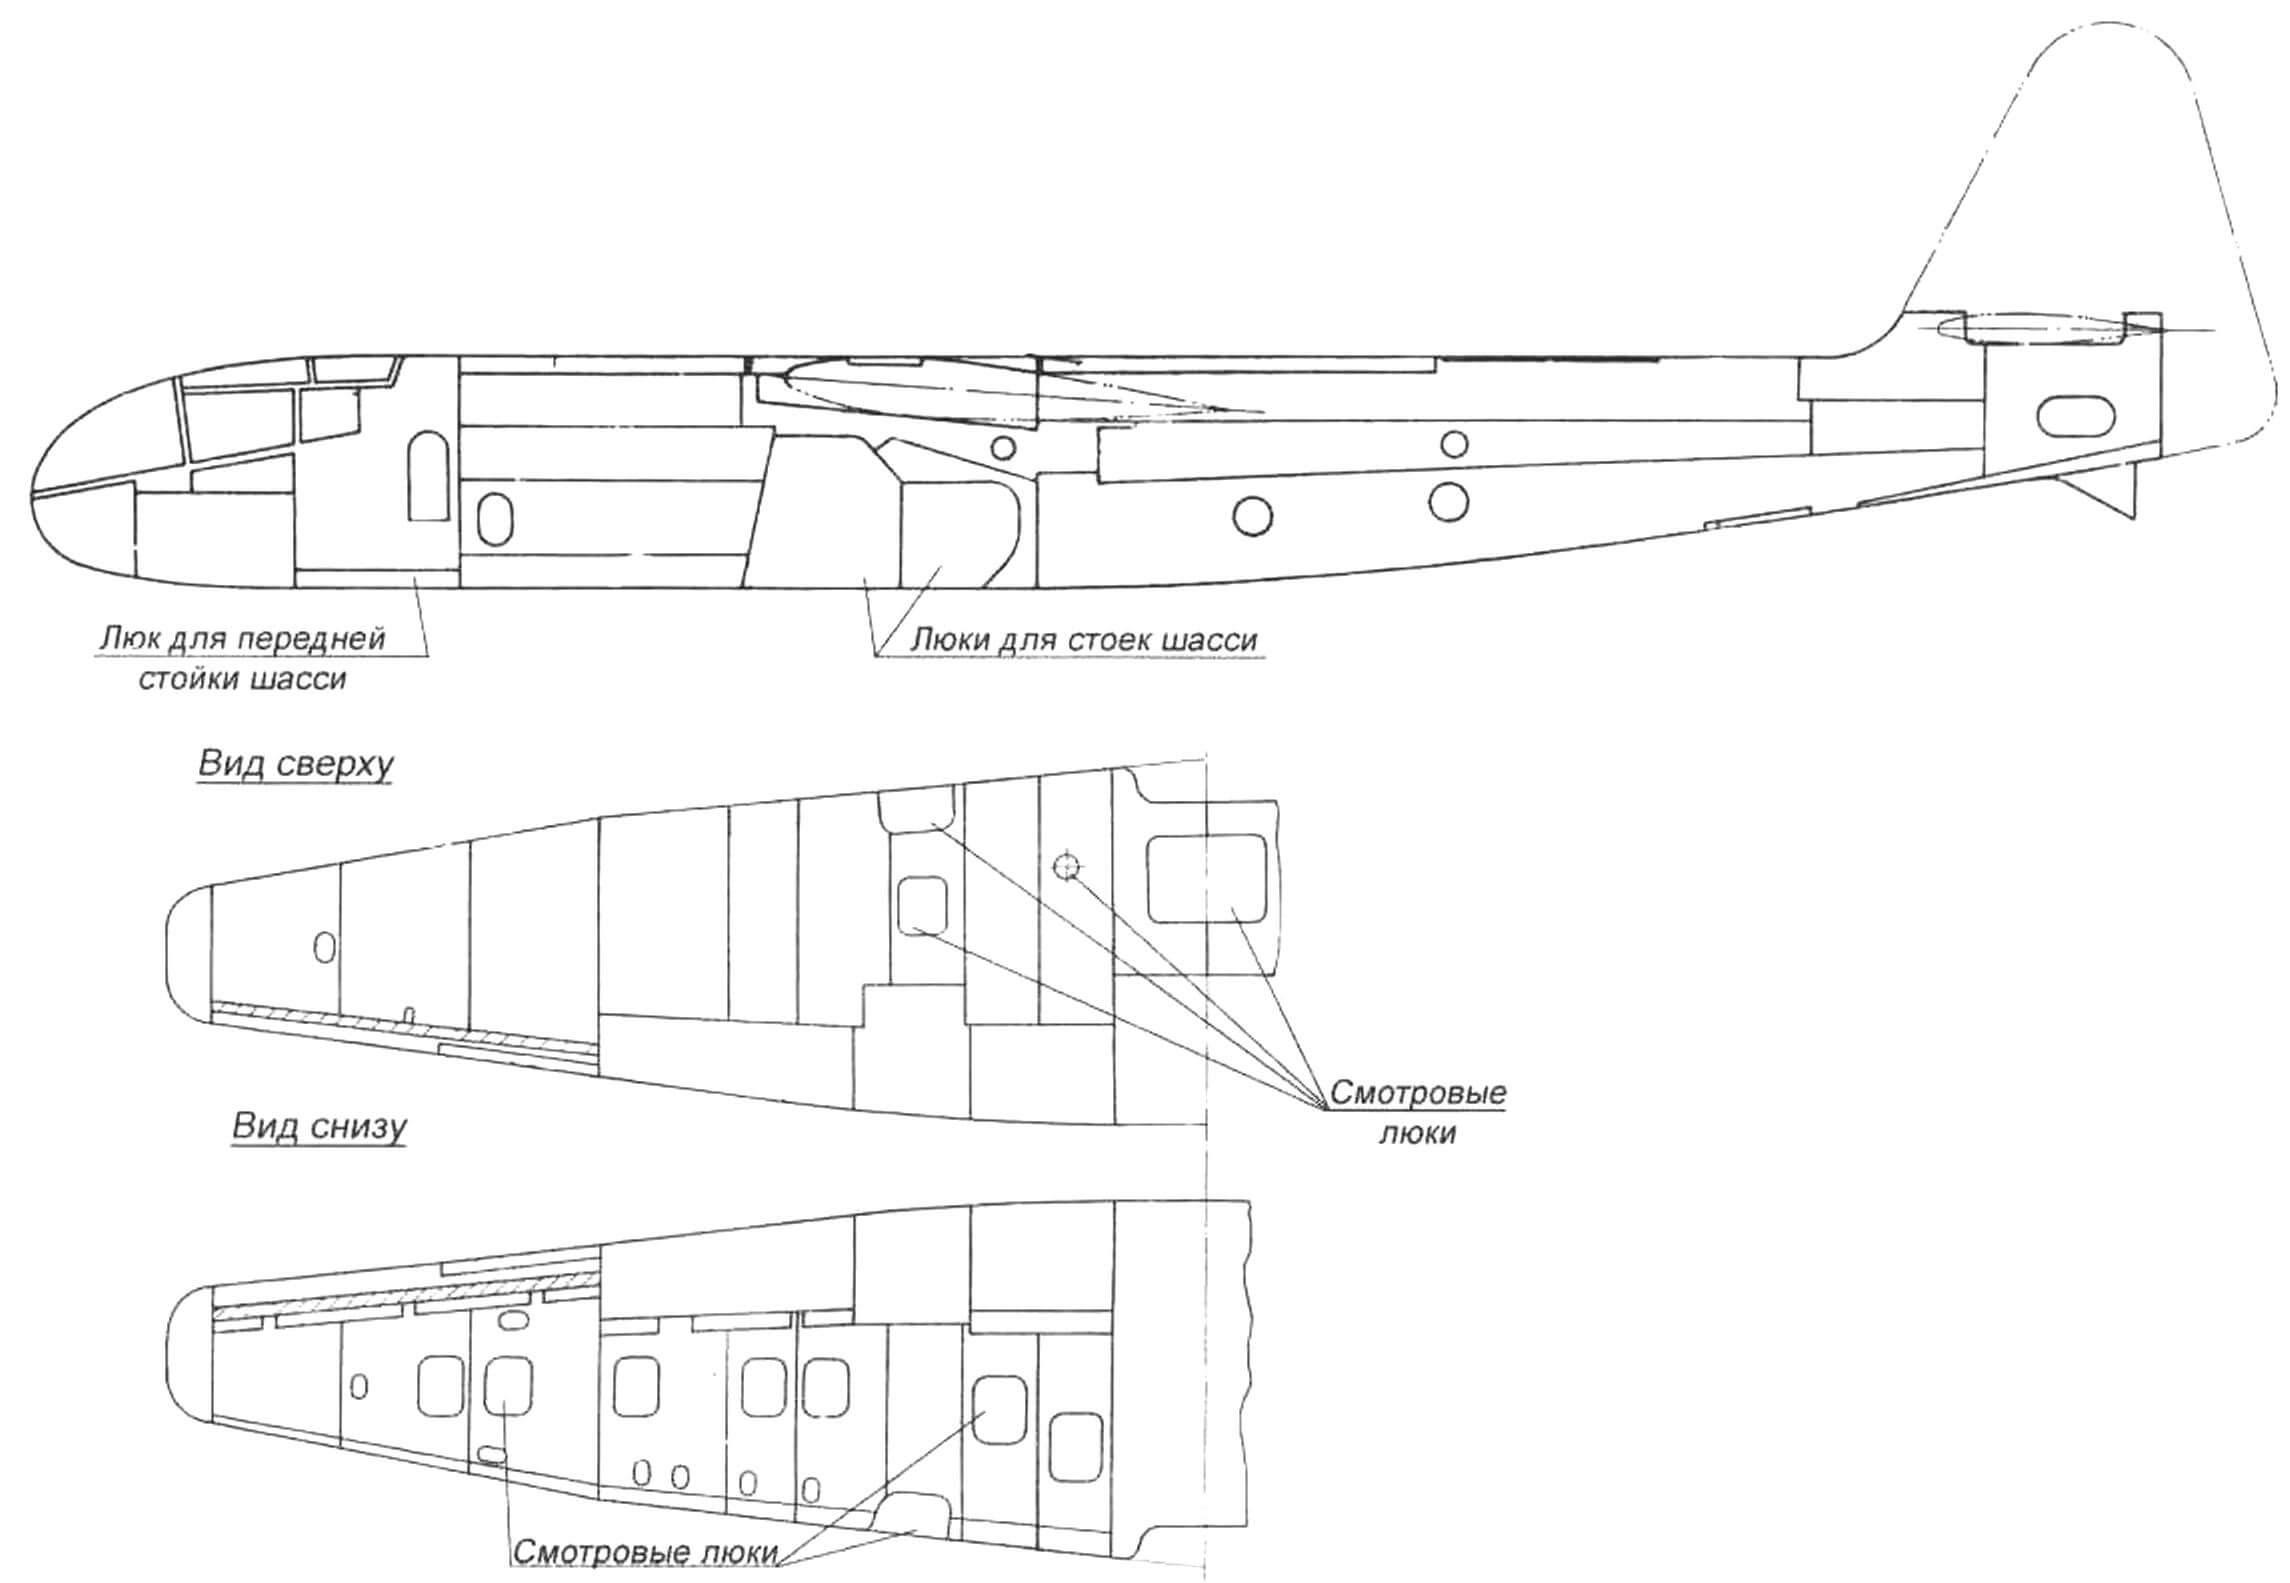 Схема раскроя обшивки фюзеляжа и крыла самолета Ar234B-2